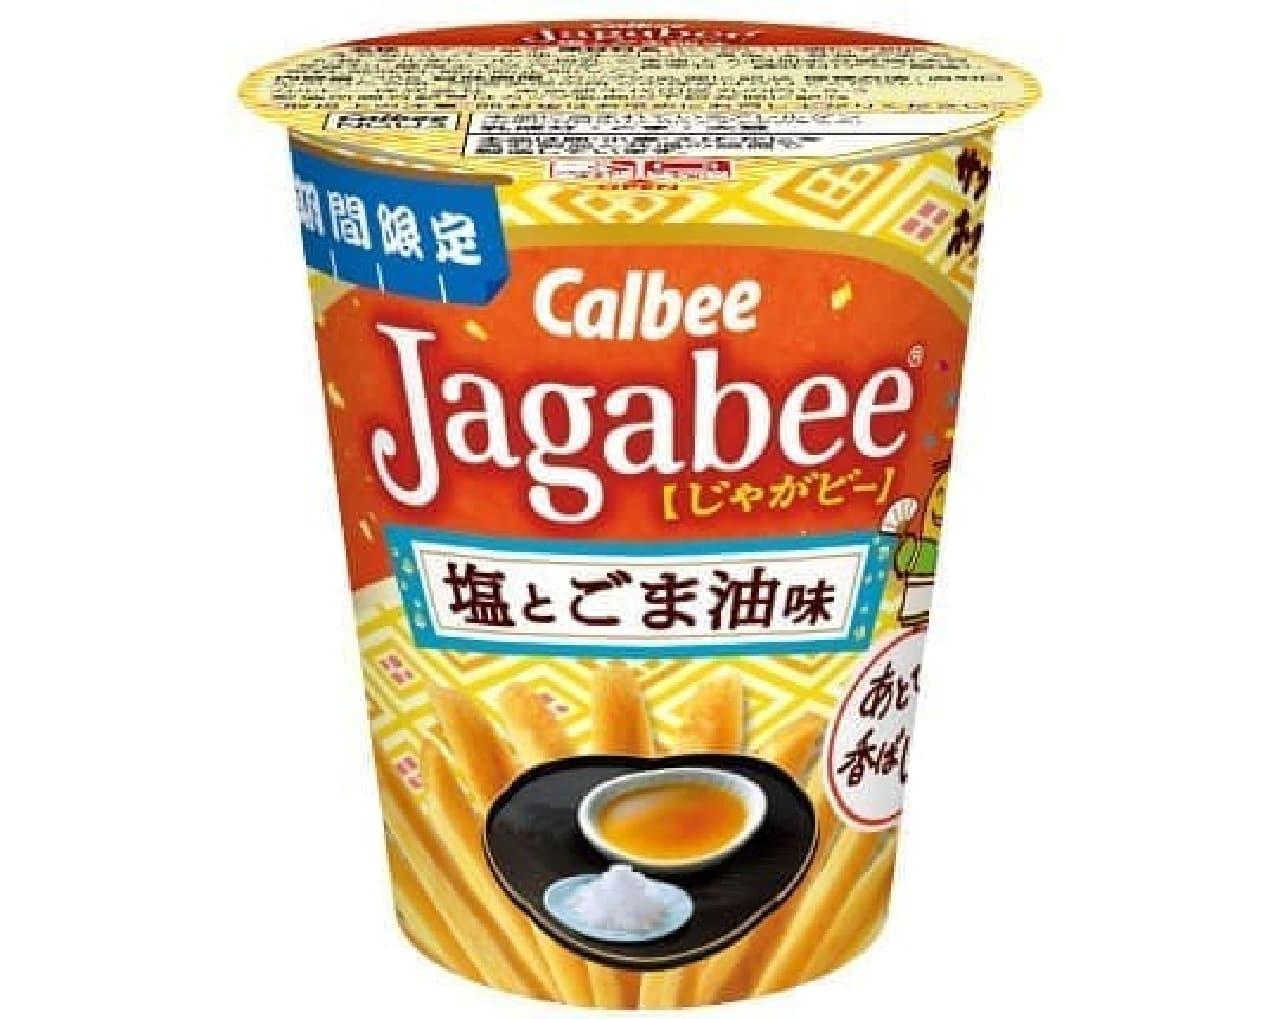 カルビー「Jagabee 塩とごま油味」